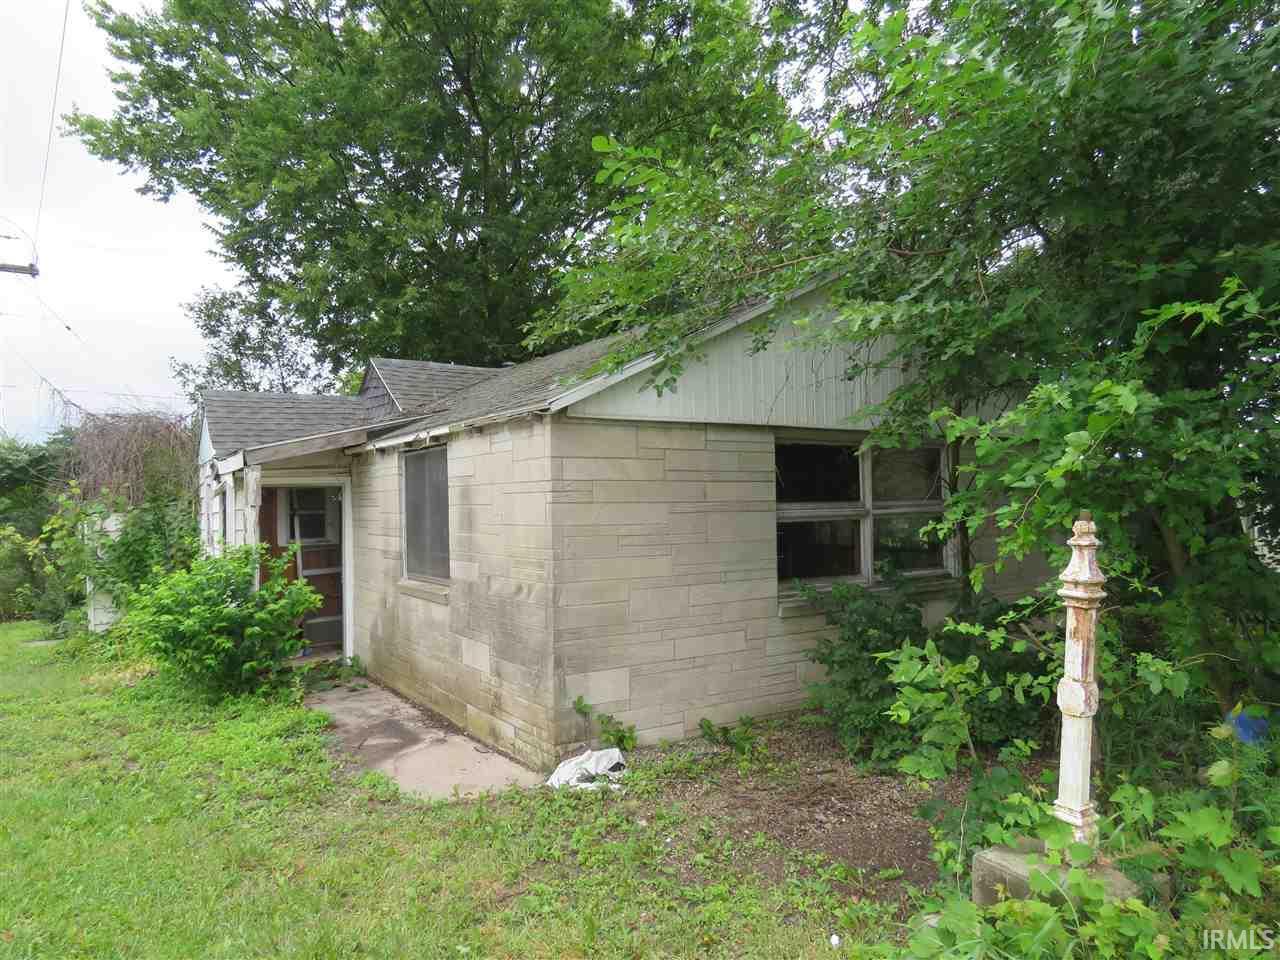 103 Pennsylvania St., Kendallville, IN 46755